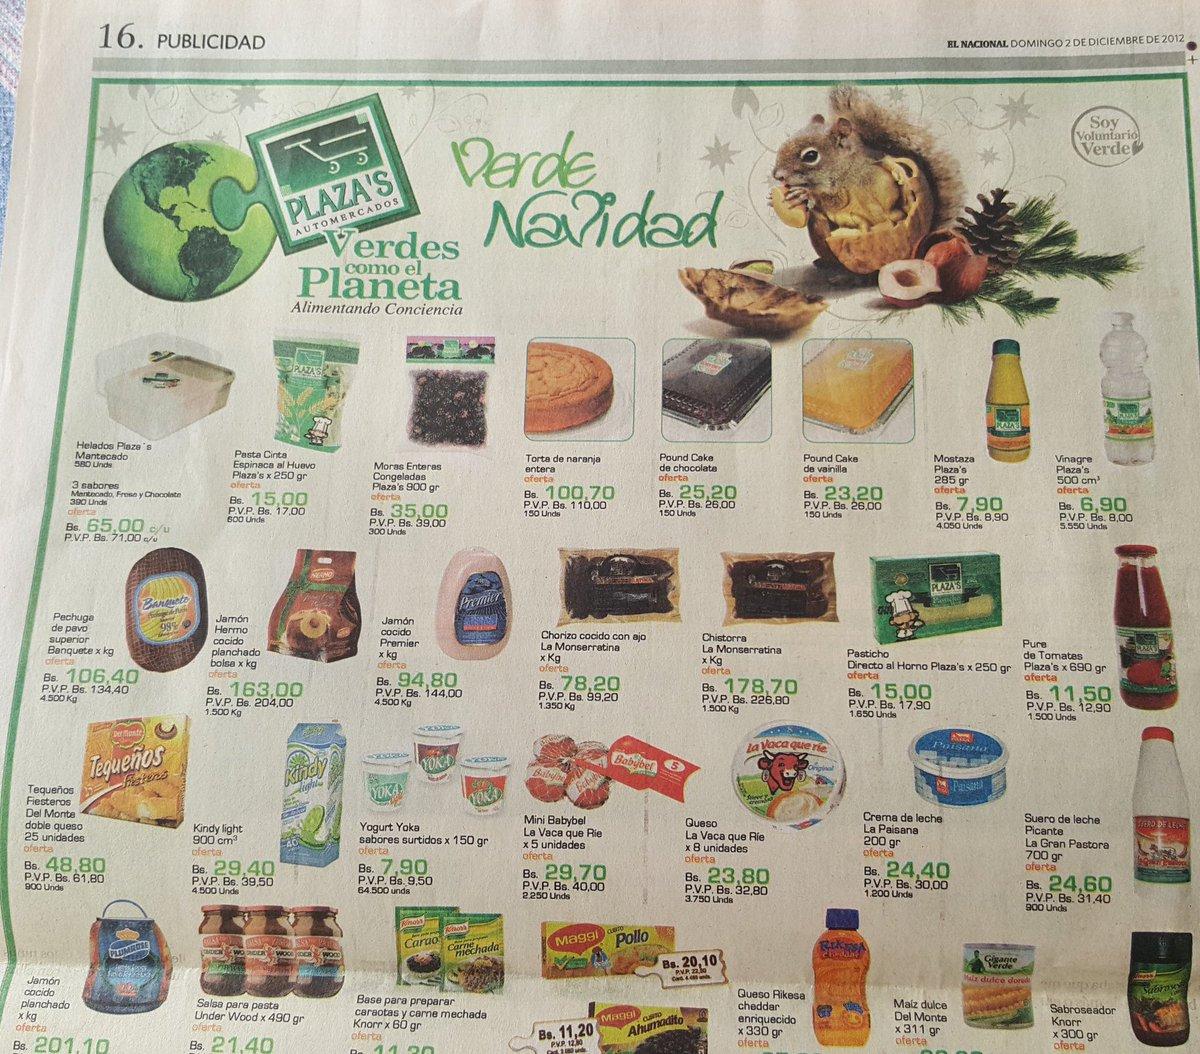 Ofertas navideñas en la Venezuela de 2012. Productos que hoy pueden costar 5.000 o 7.000 veces más o que sencillamente ya no existen en los anaqueles.